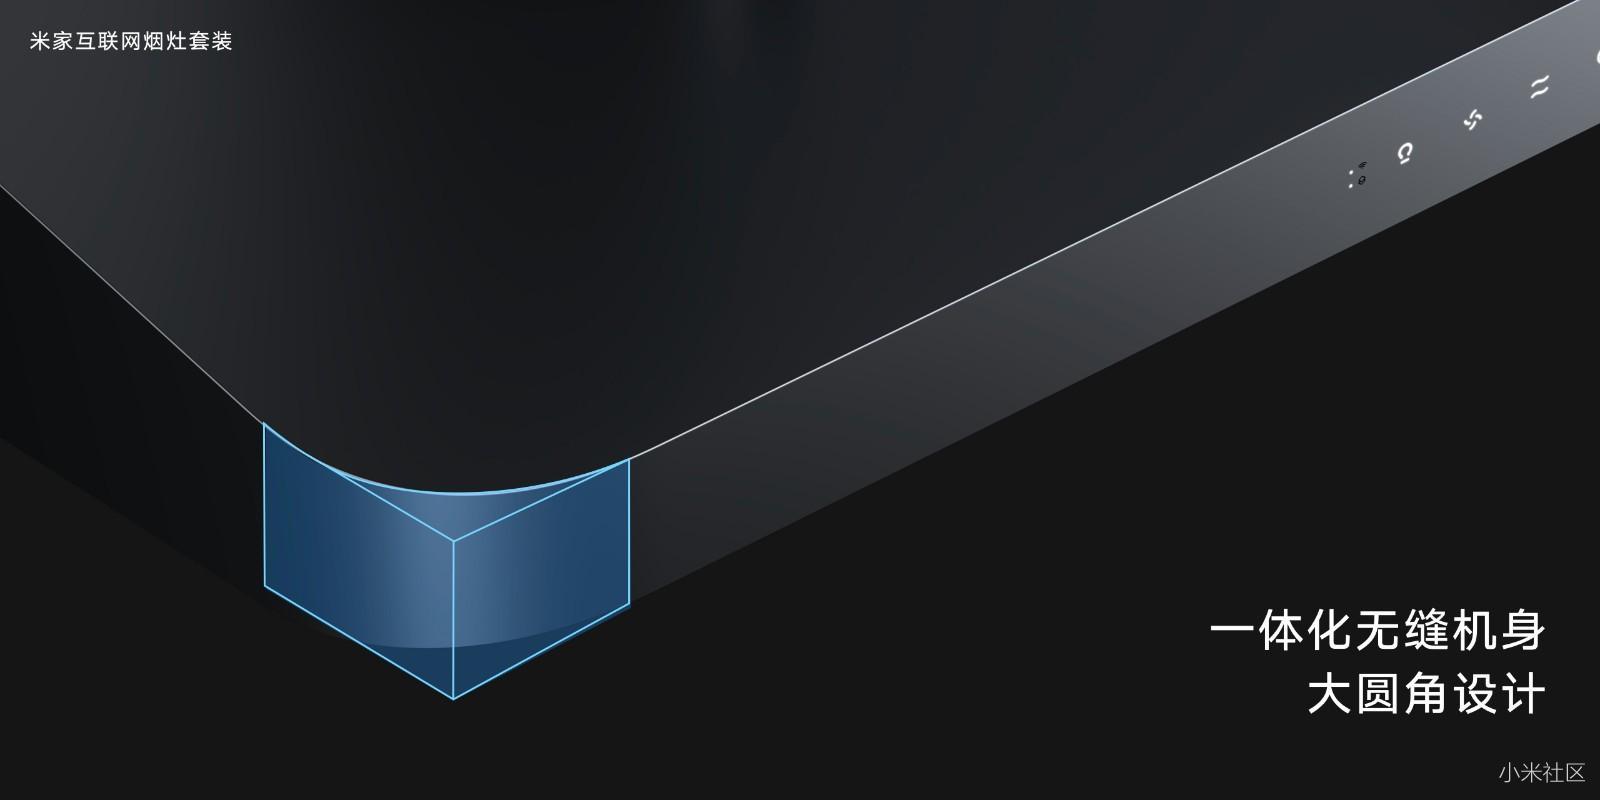 米家互联网烟灶套装采用一体化无缝机身的大圆角设计